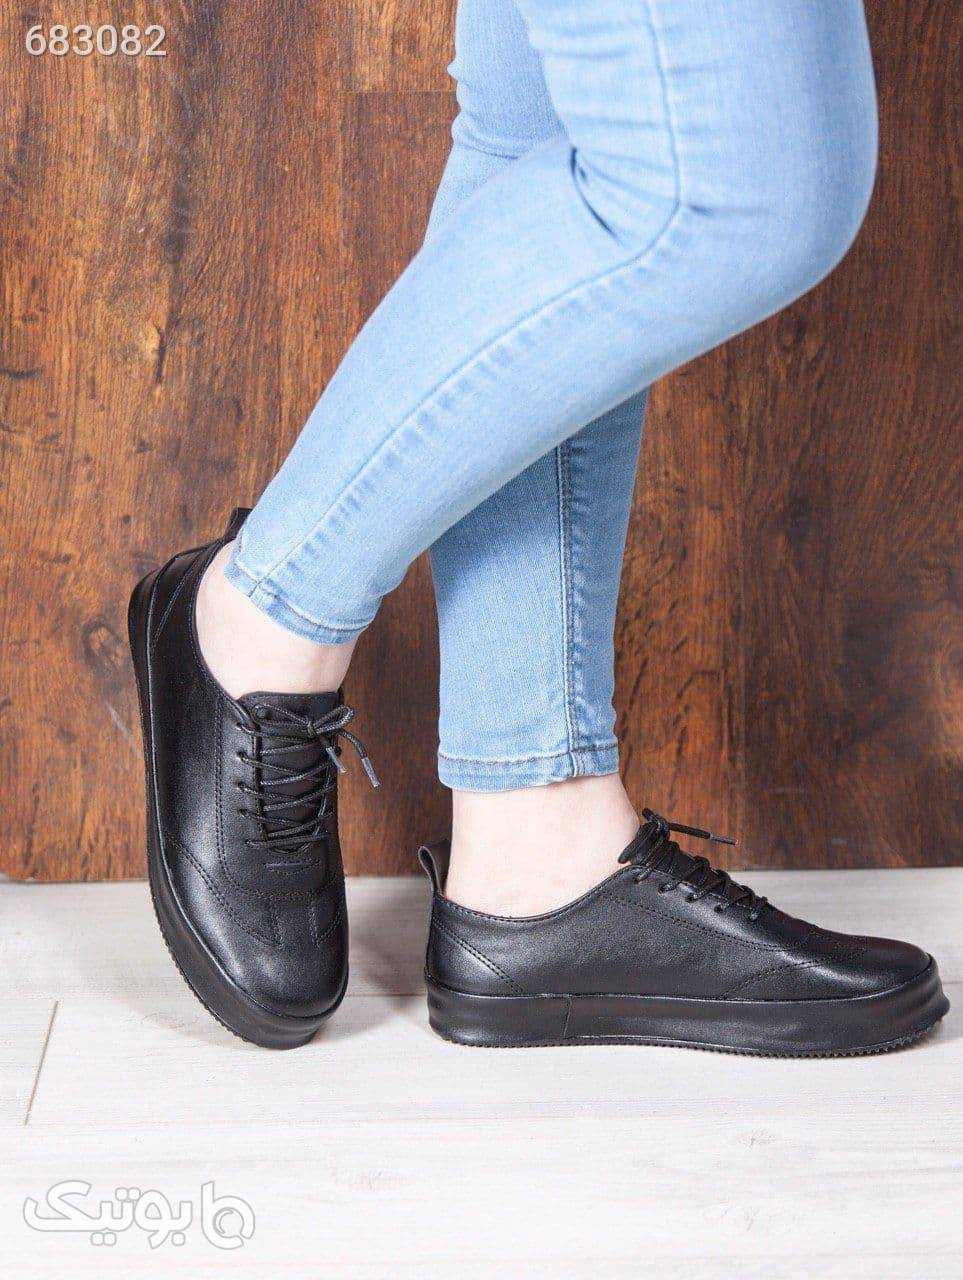 کفش دخترانه ارزان قیمت مشکی كتانی زنانه